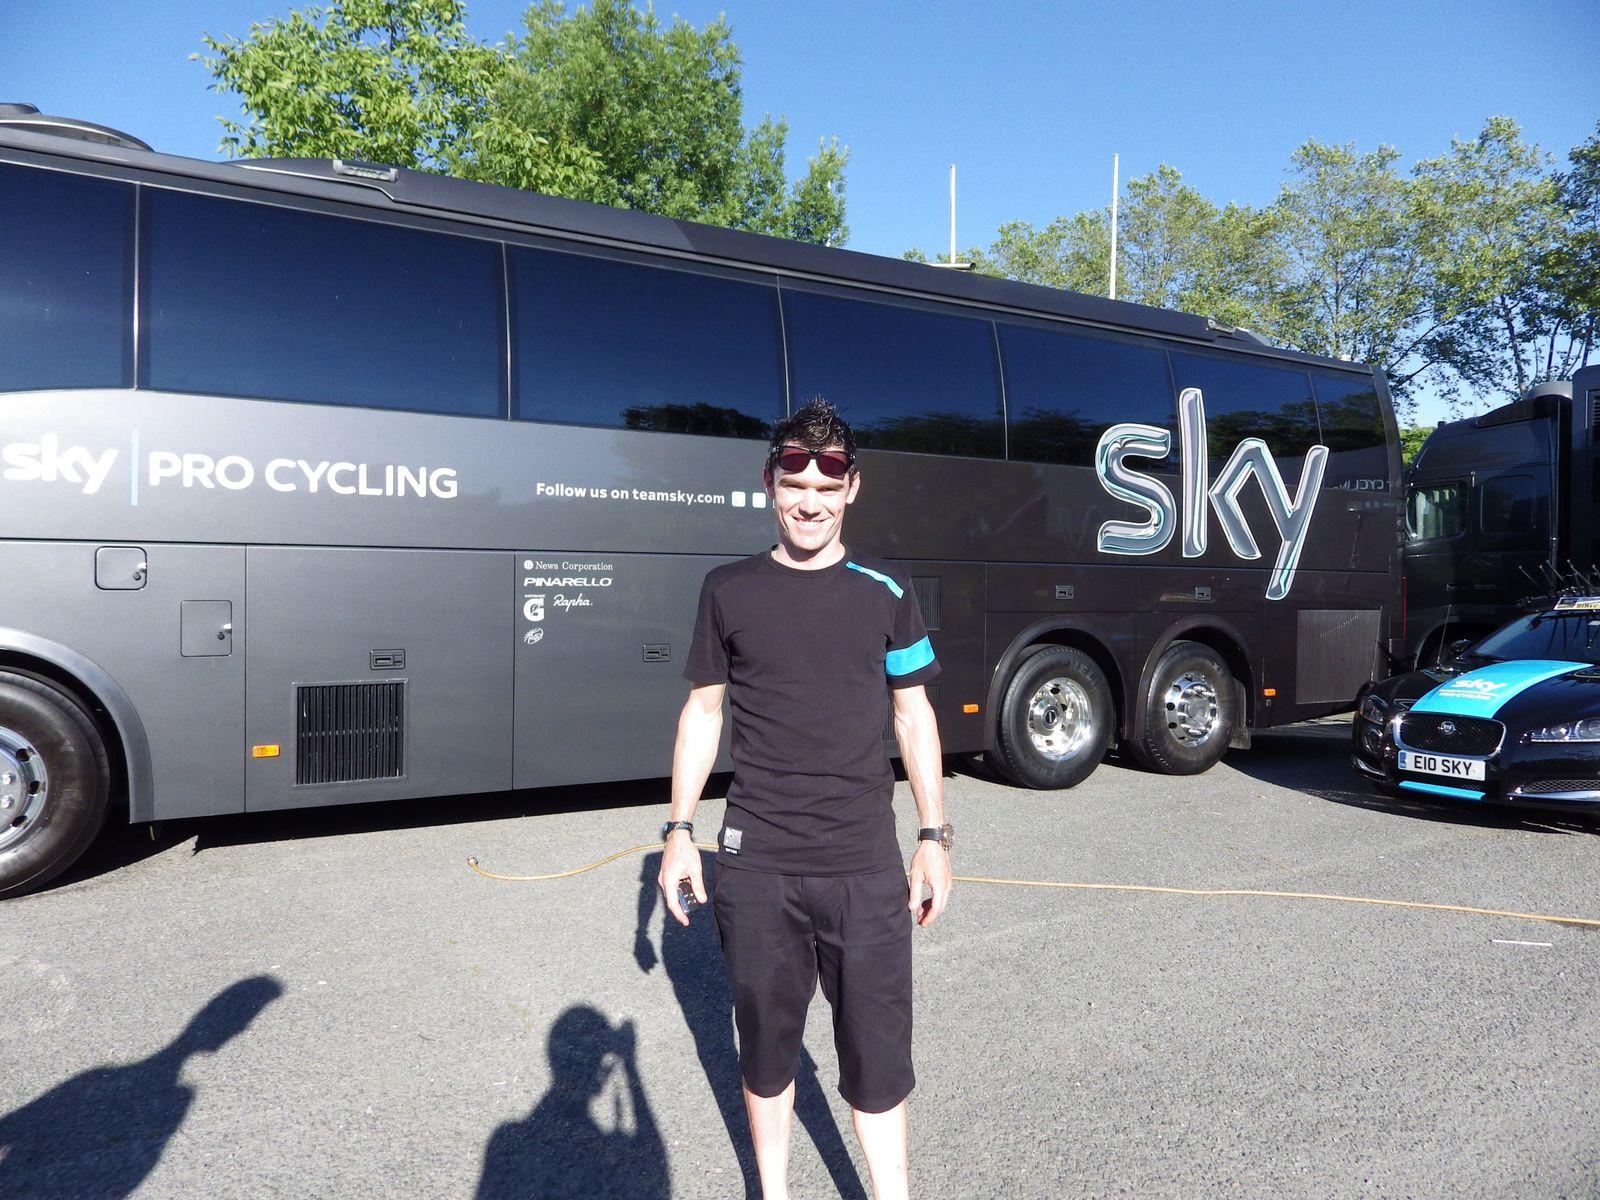 Chris Sutton (SKY) pourraient très bien remporter une victoire su sprint sur la Route du Sud.